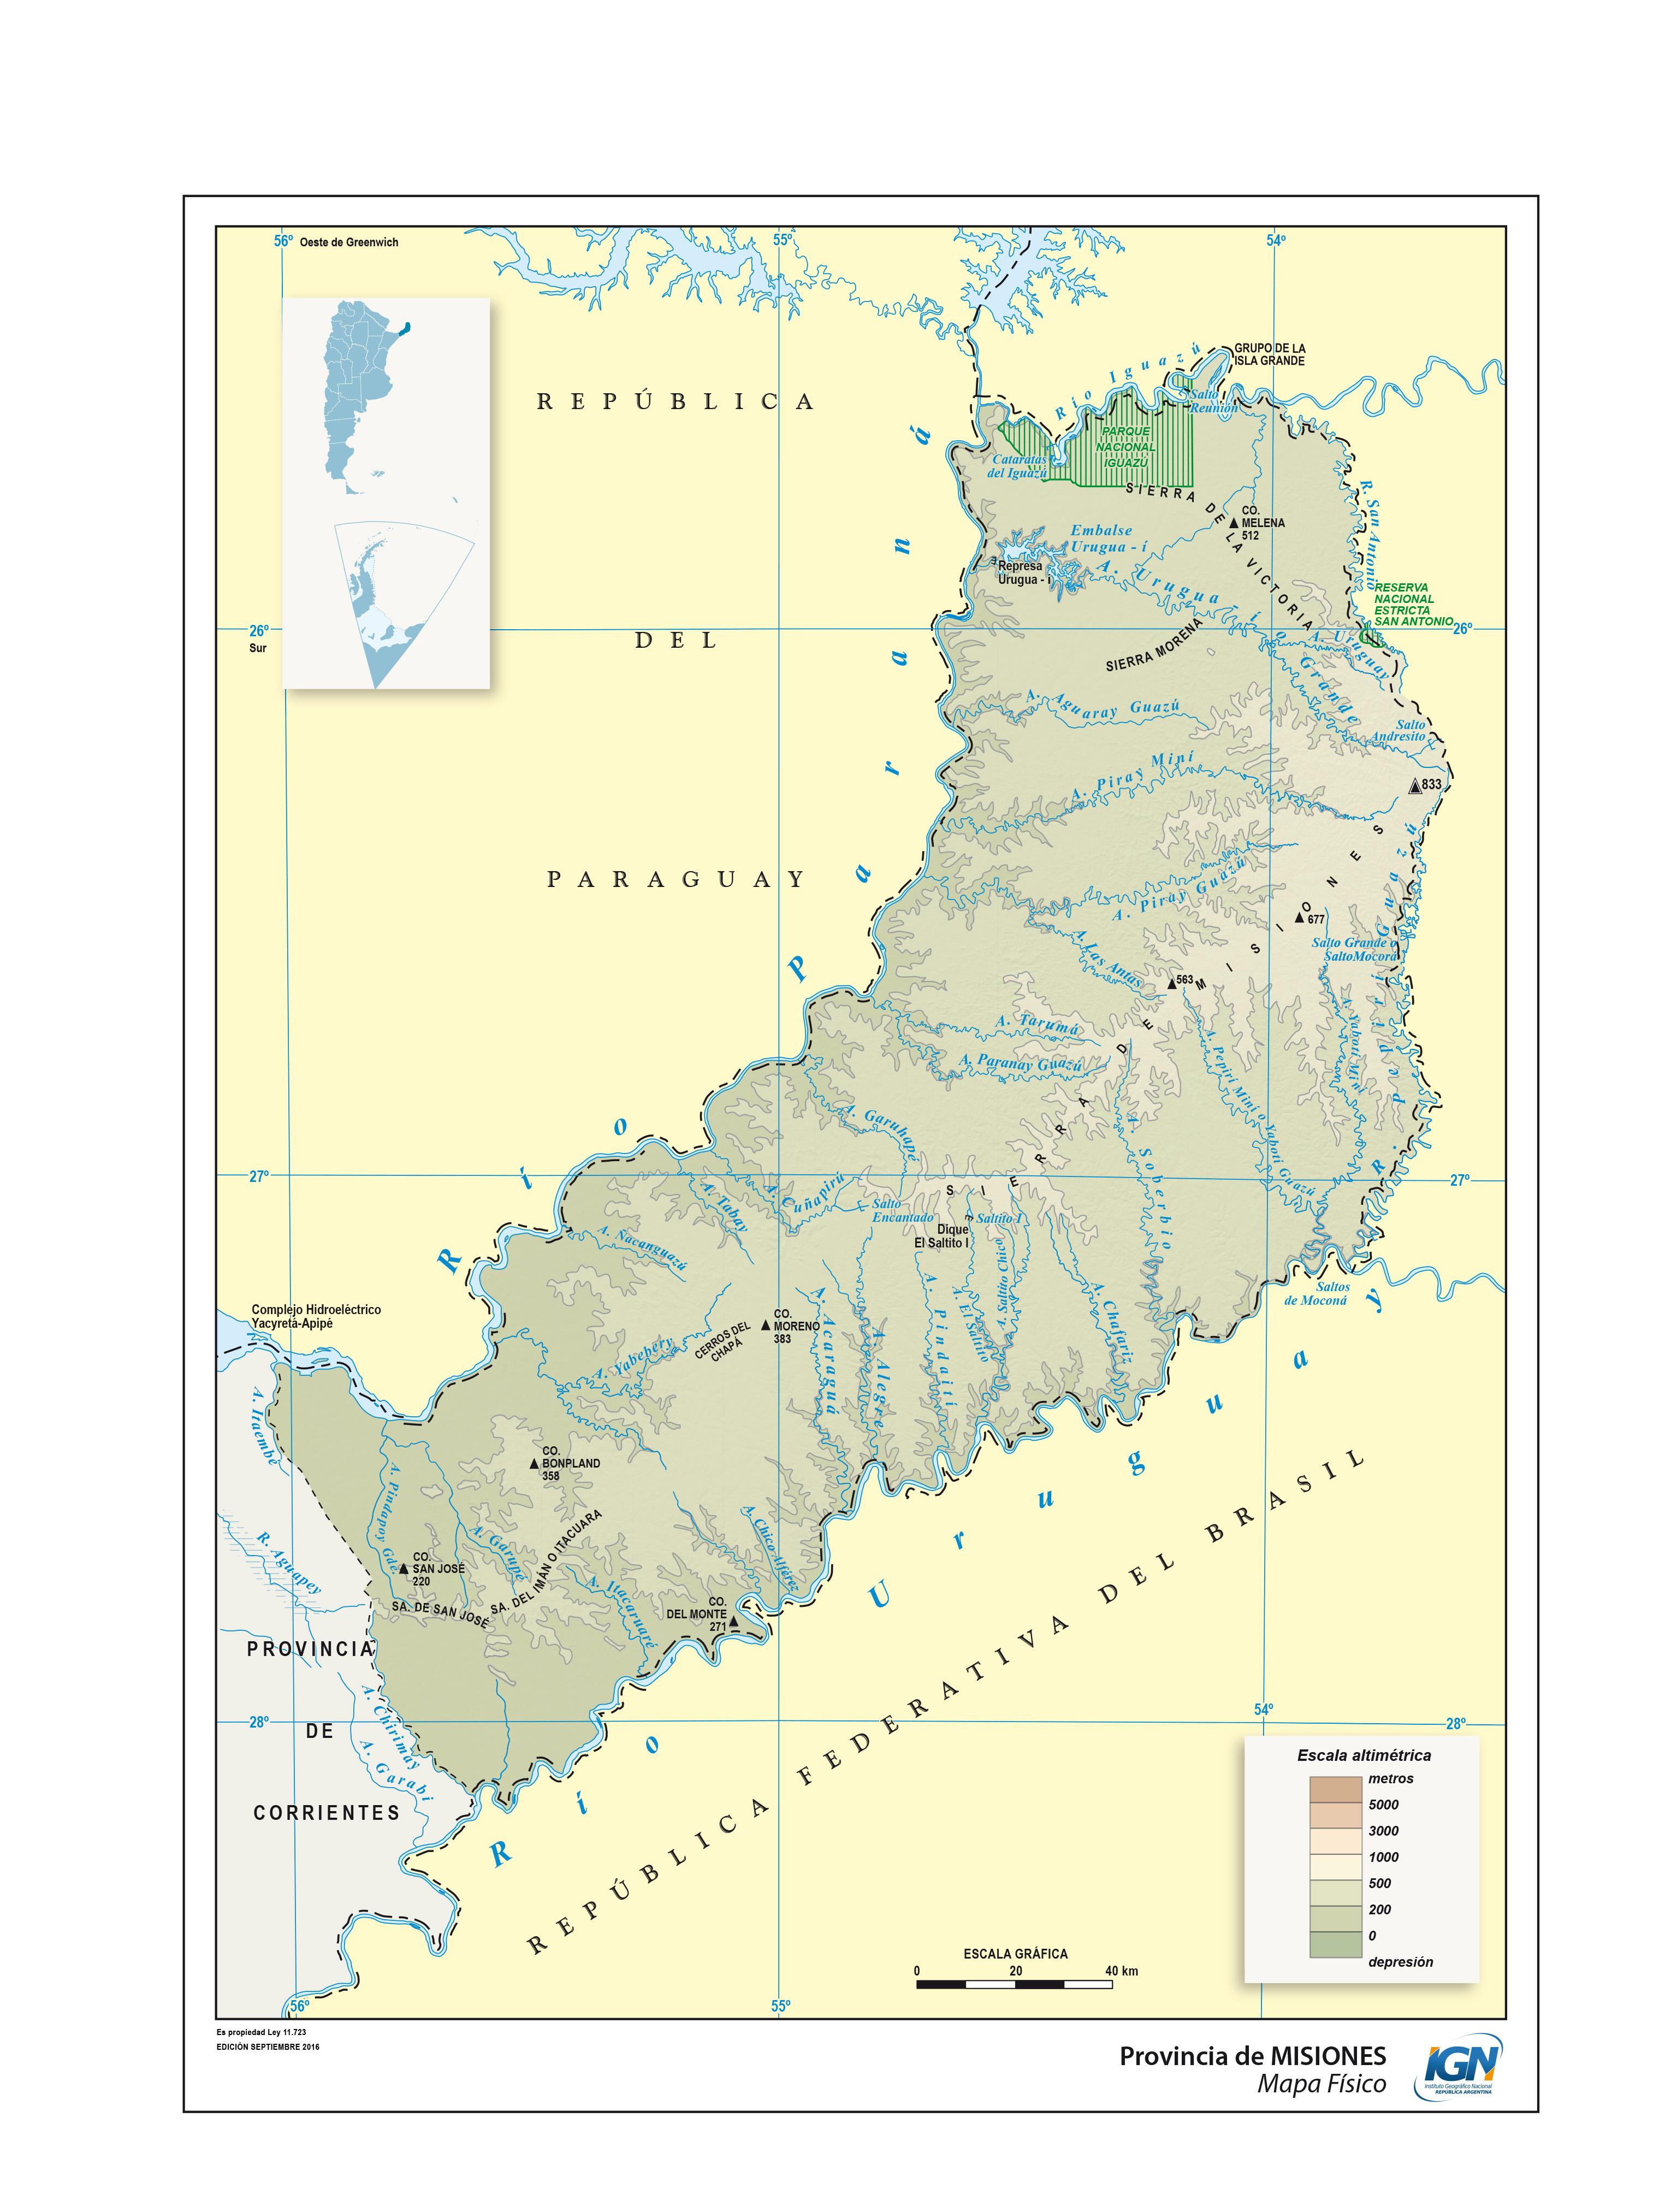 Mapas De La Provincia De Misiones Epicentro Geografico